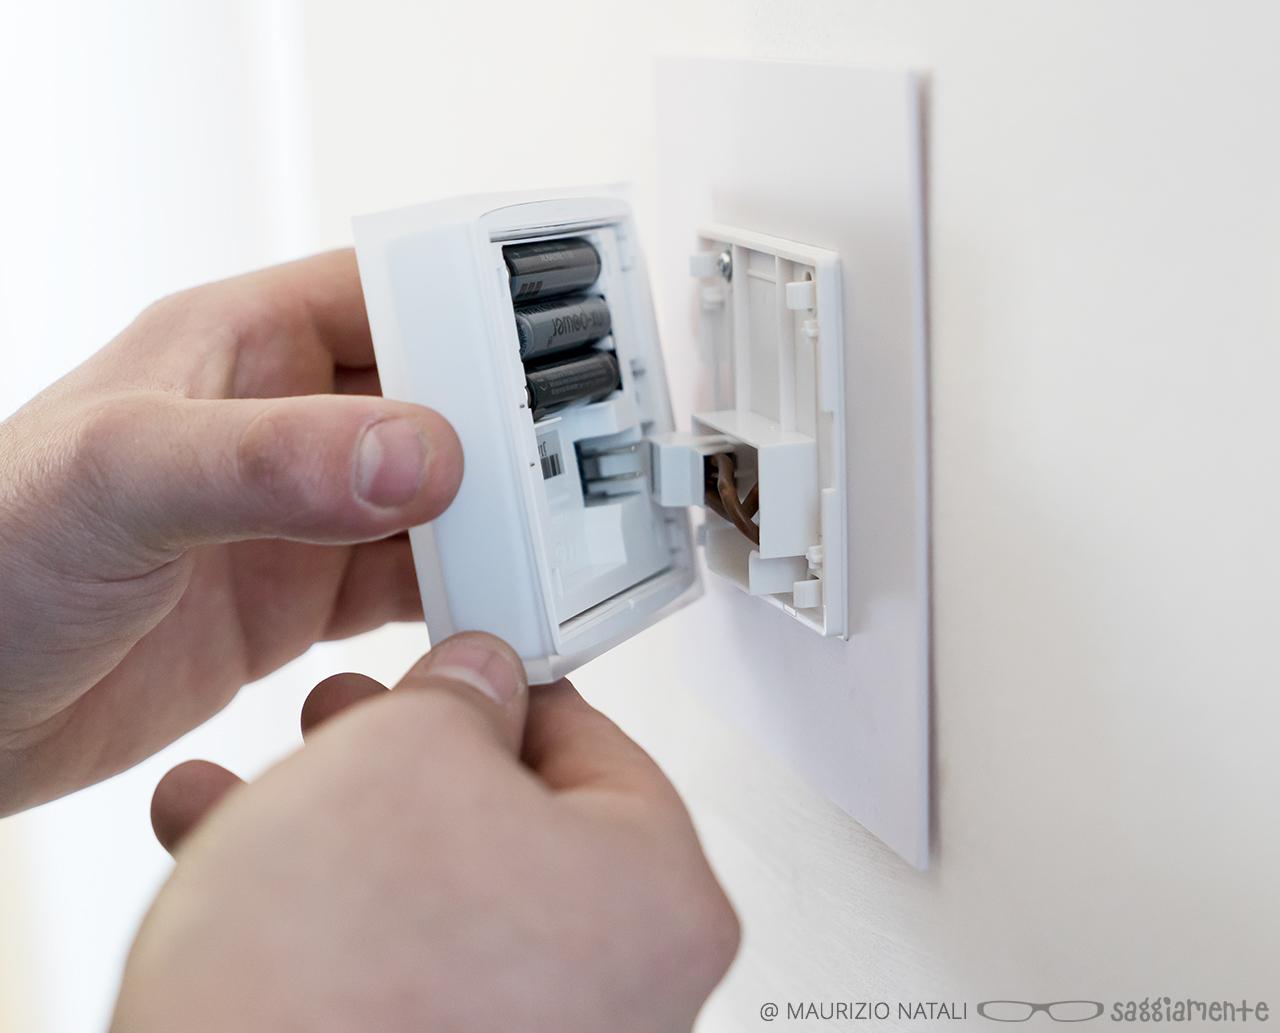 Recensione termostato intelligente netatmo for Valvole termostatiche netatmo